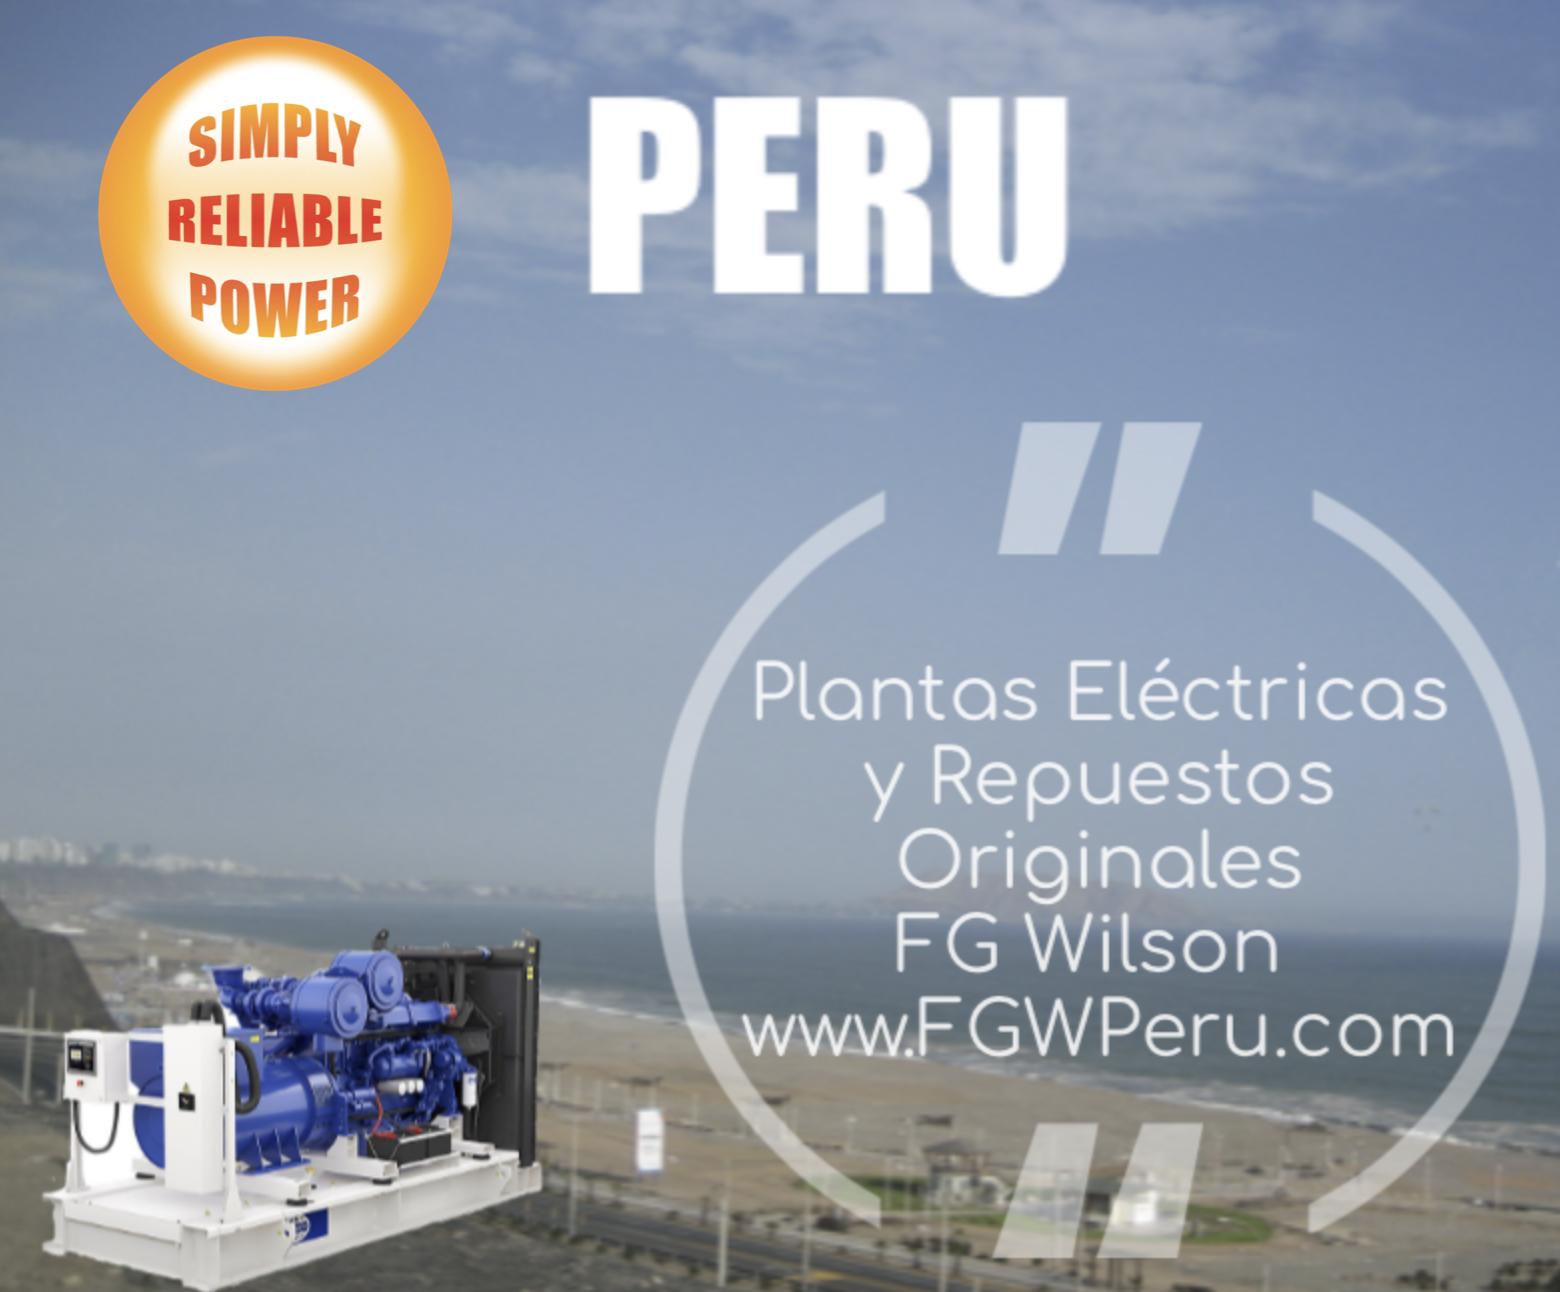 Distribuidores AutorizadosFG Wilson - + 500 Grupos Electrógenos disponibles para despacho inmediato.+$3M en inventario de Repuestos Originales+25 años en el mercadoSoporte LocalEntrenamiento